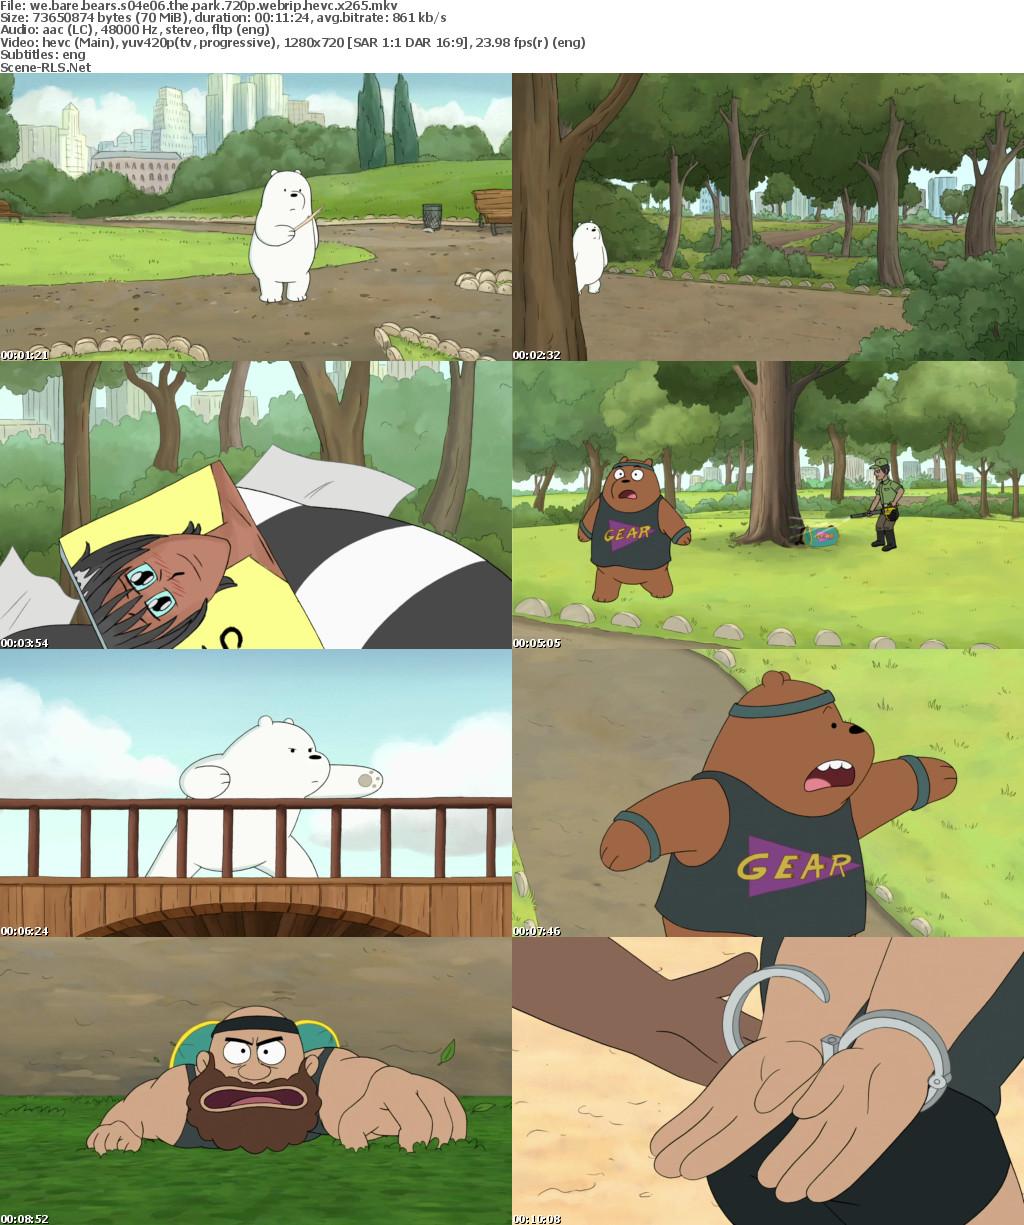 bears - Scene Release